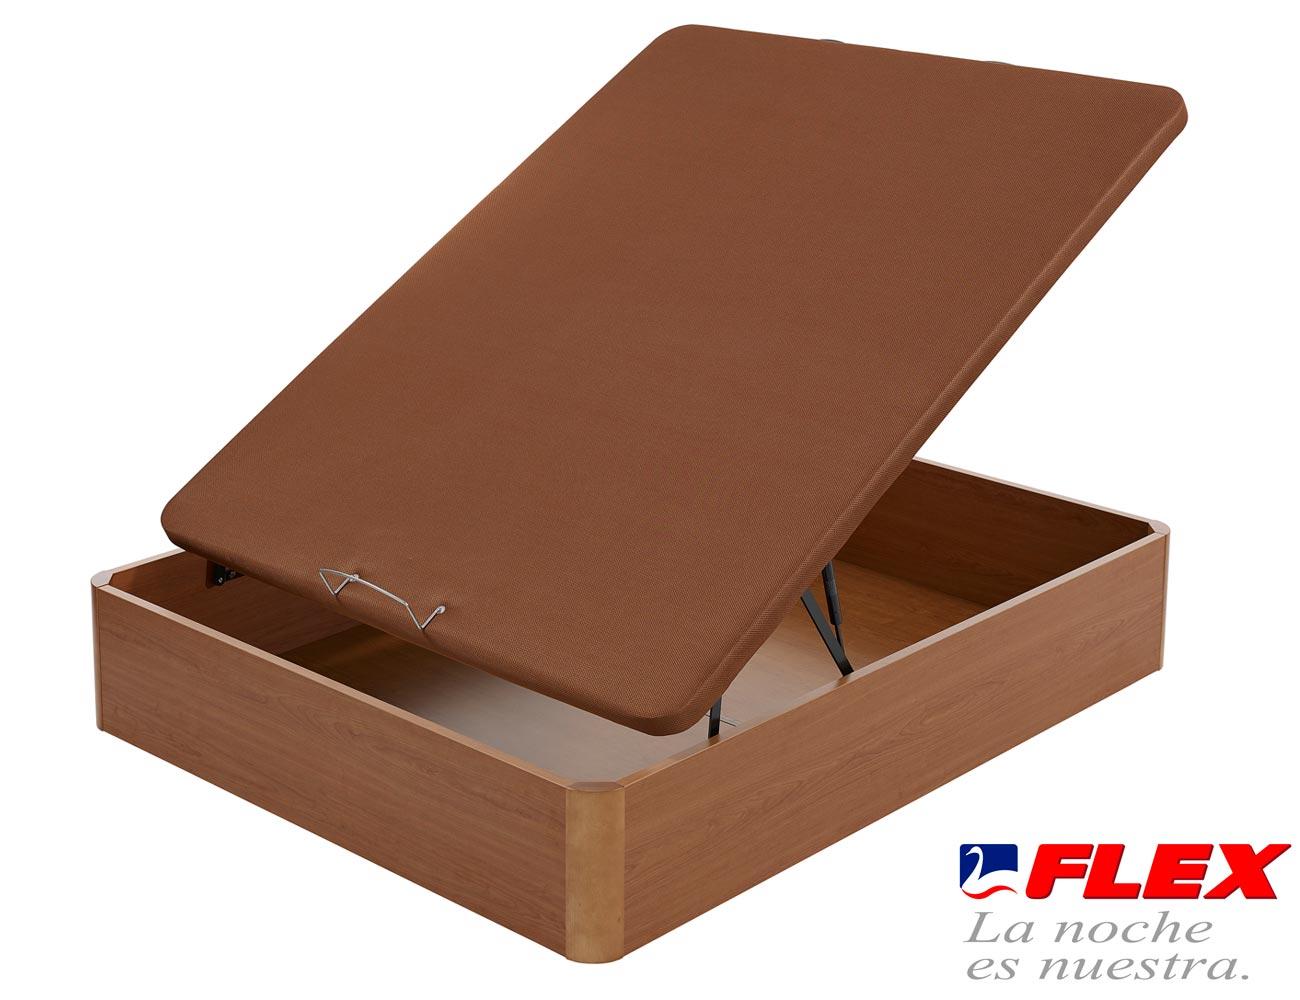 Canape flex madera abatible tapa3d 8311